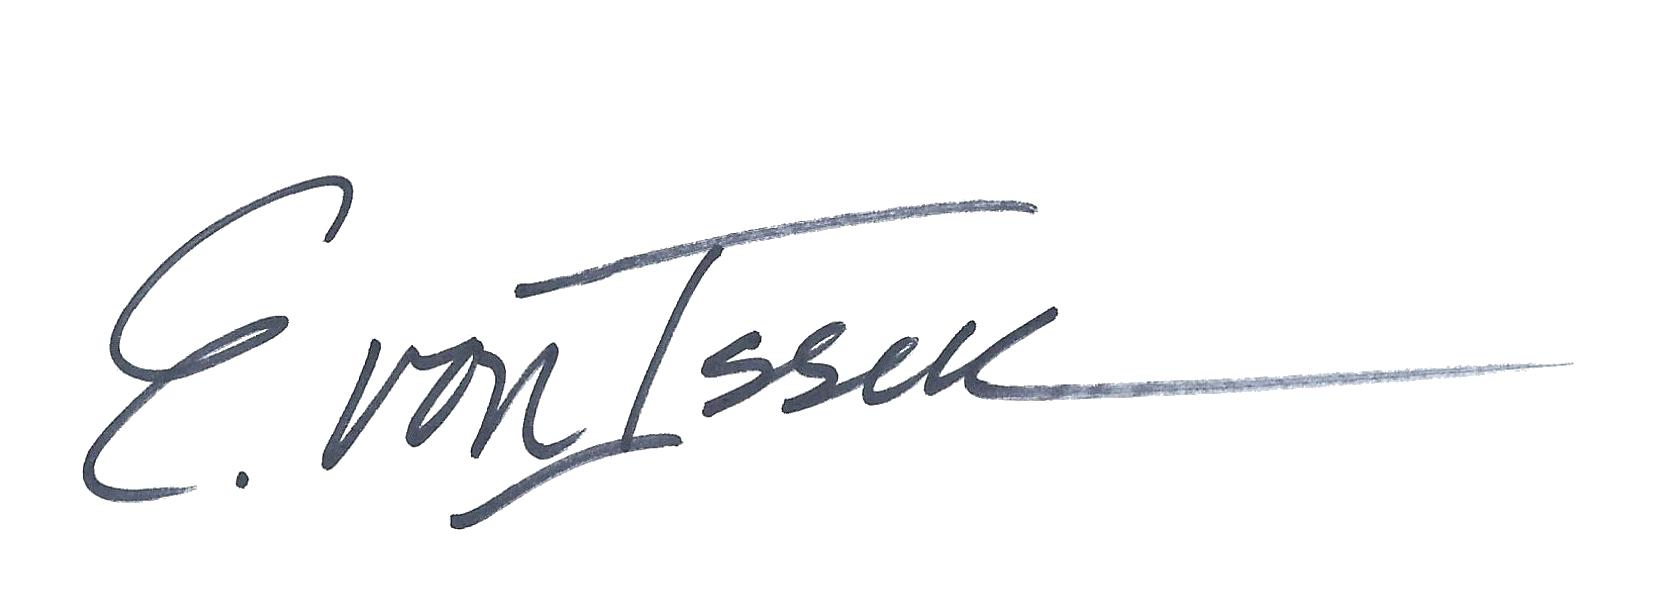 Elizabeth von Isser's Signature